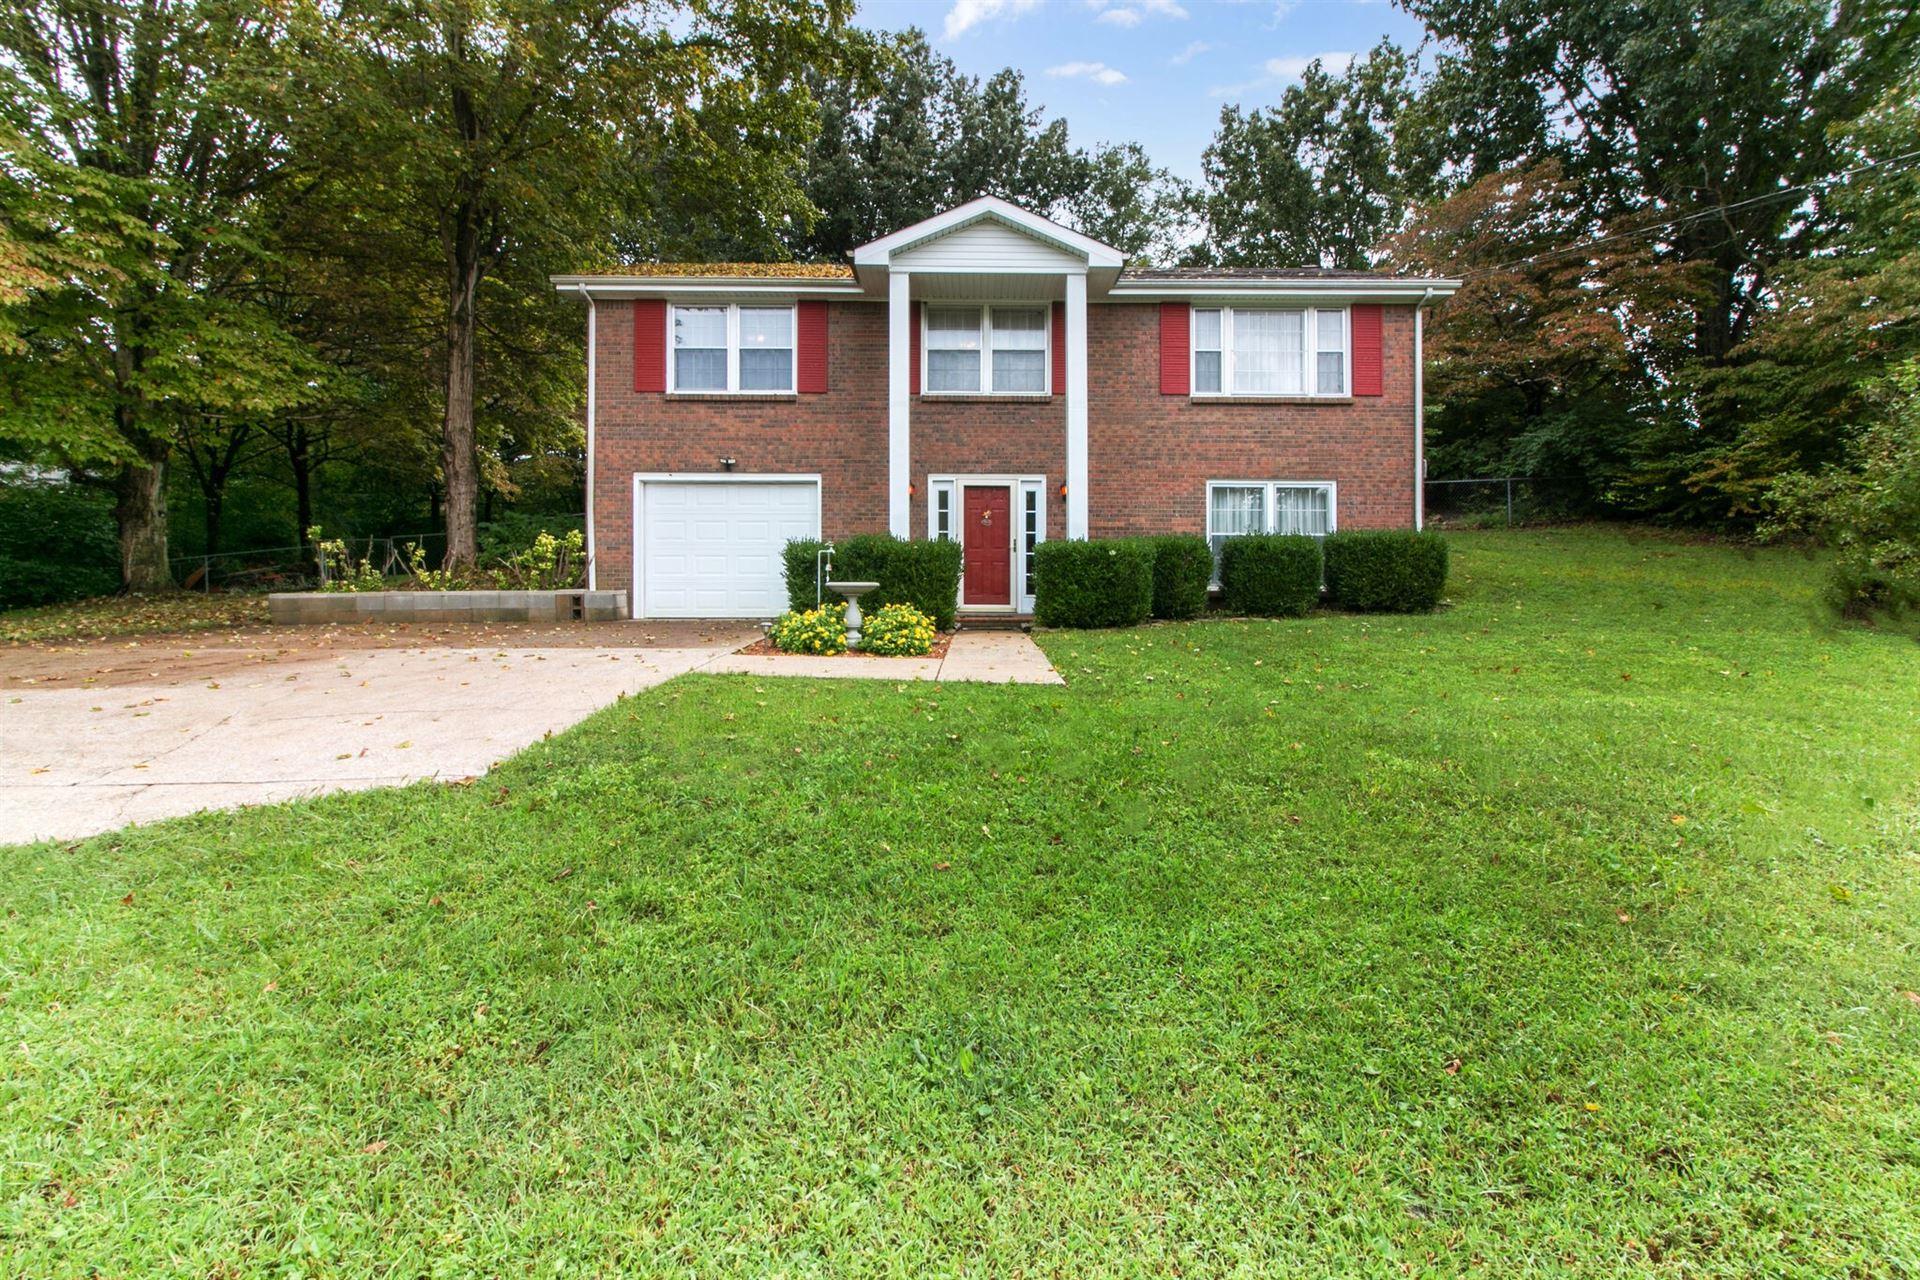 558 Briarwood Dr, Clarksville, TN 37040 - MLS#: 2293837